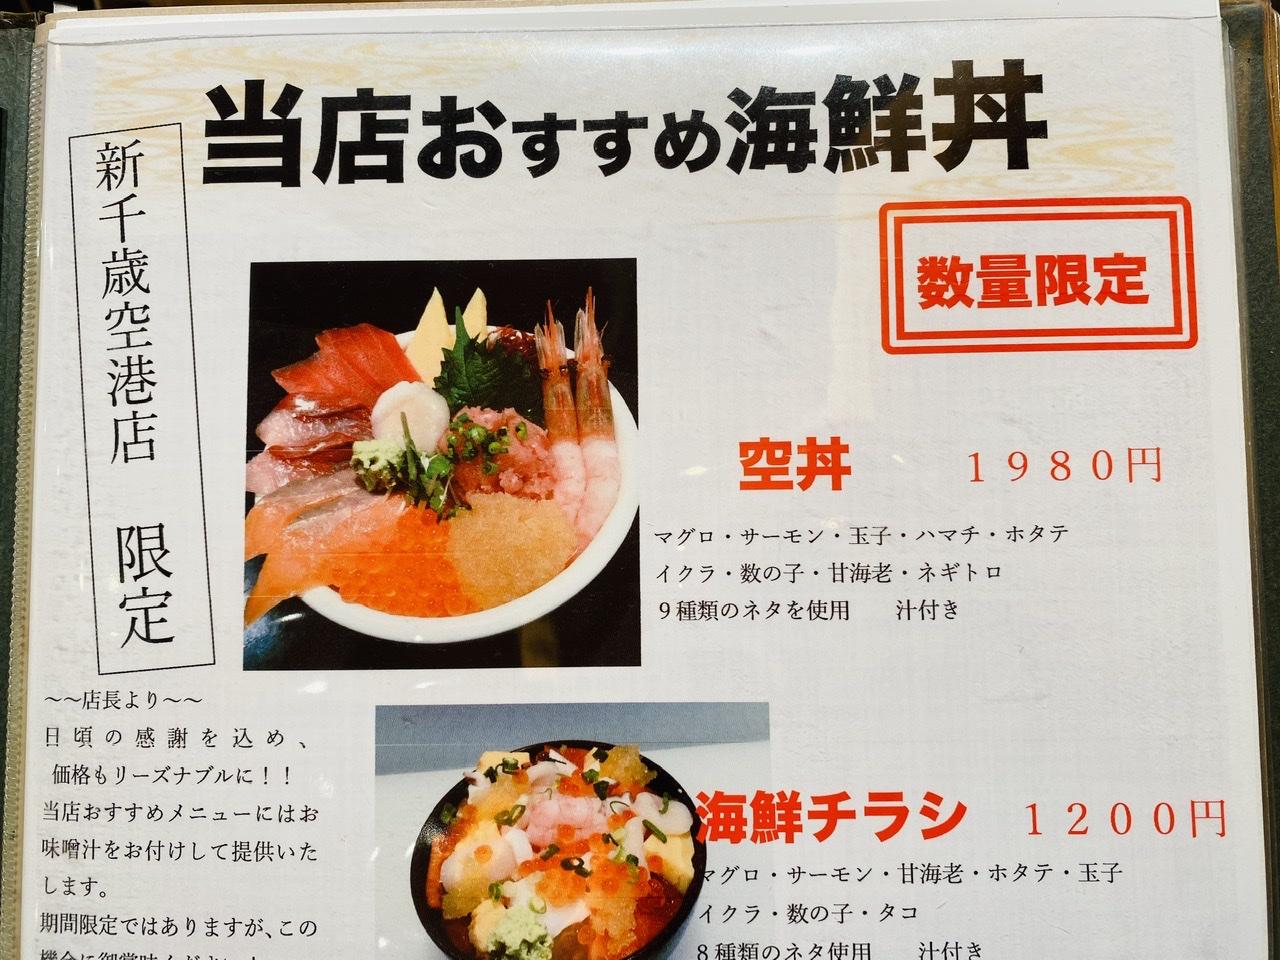 【新千歳空港グルメ】本場の海鮮丼を食べるならココ!鮮魚店直営《どんぶり茶屋》★_5